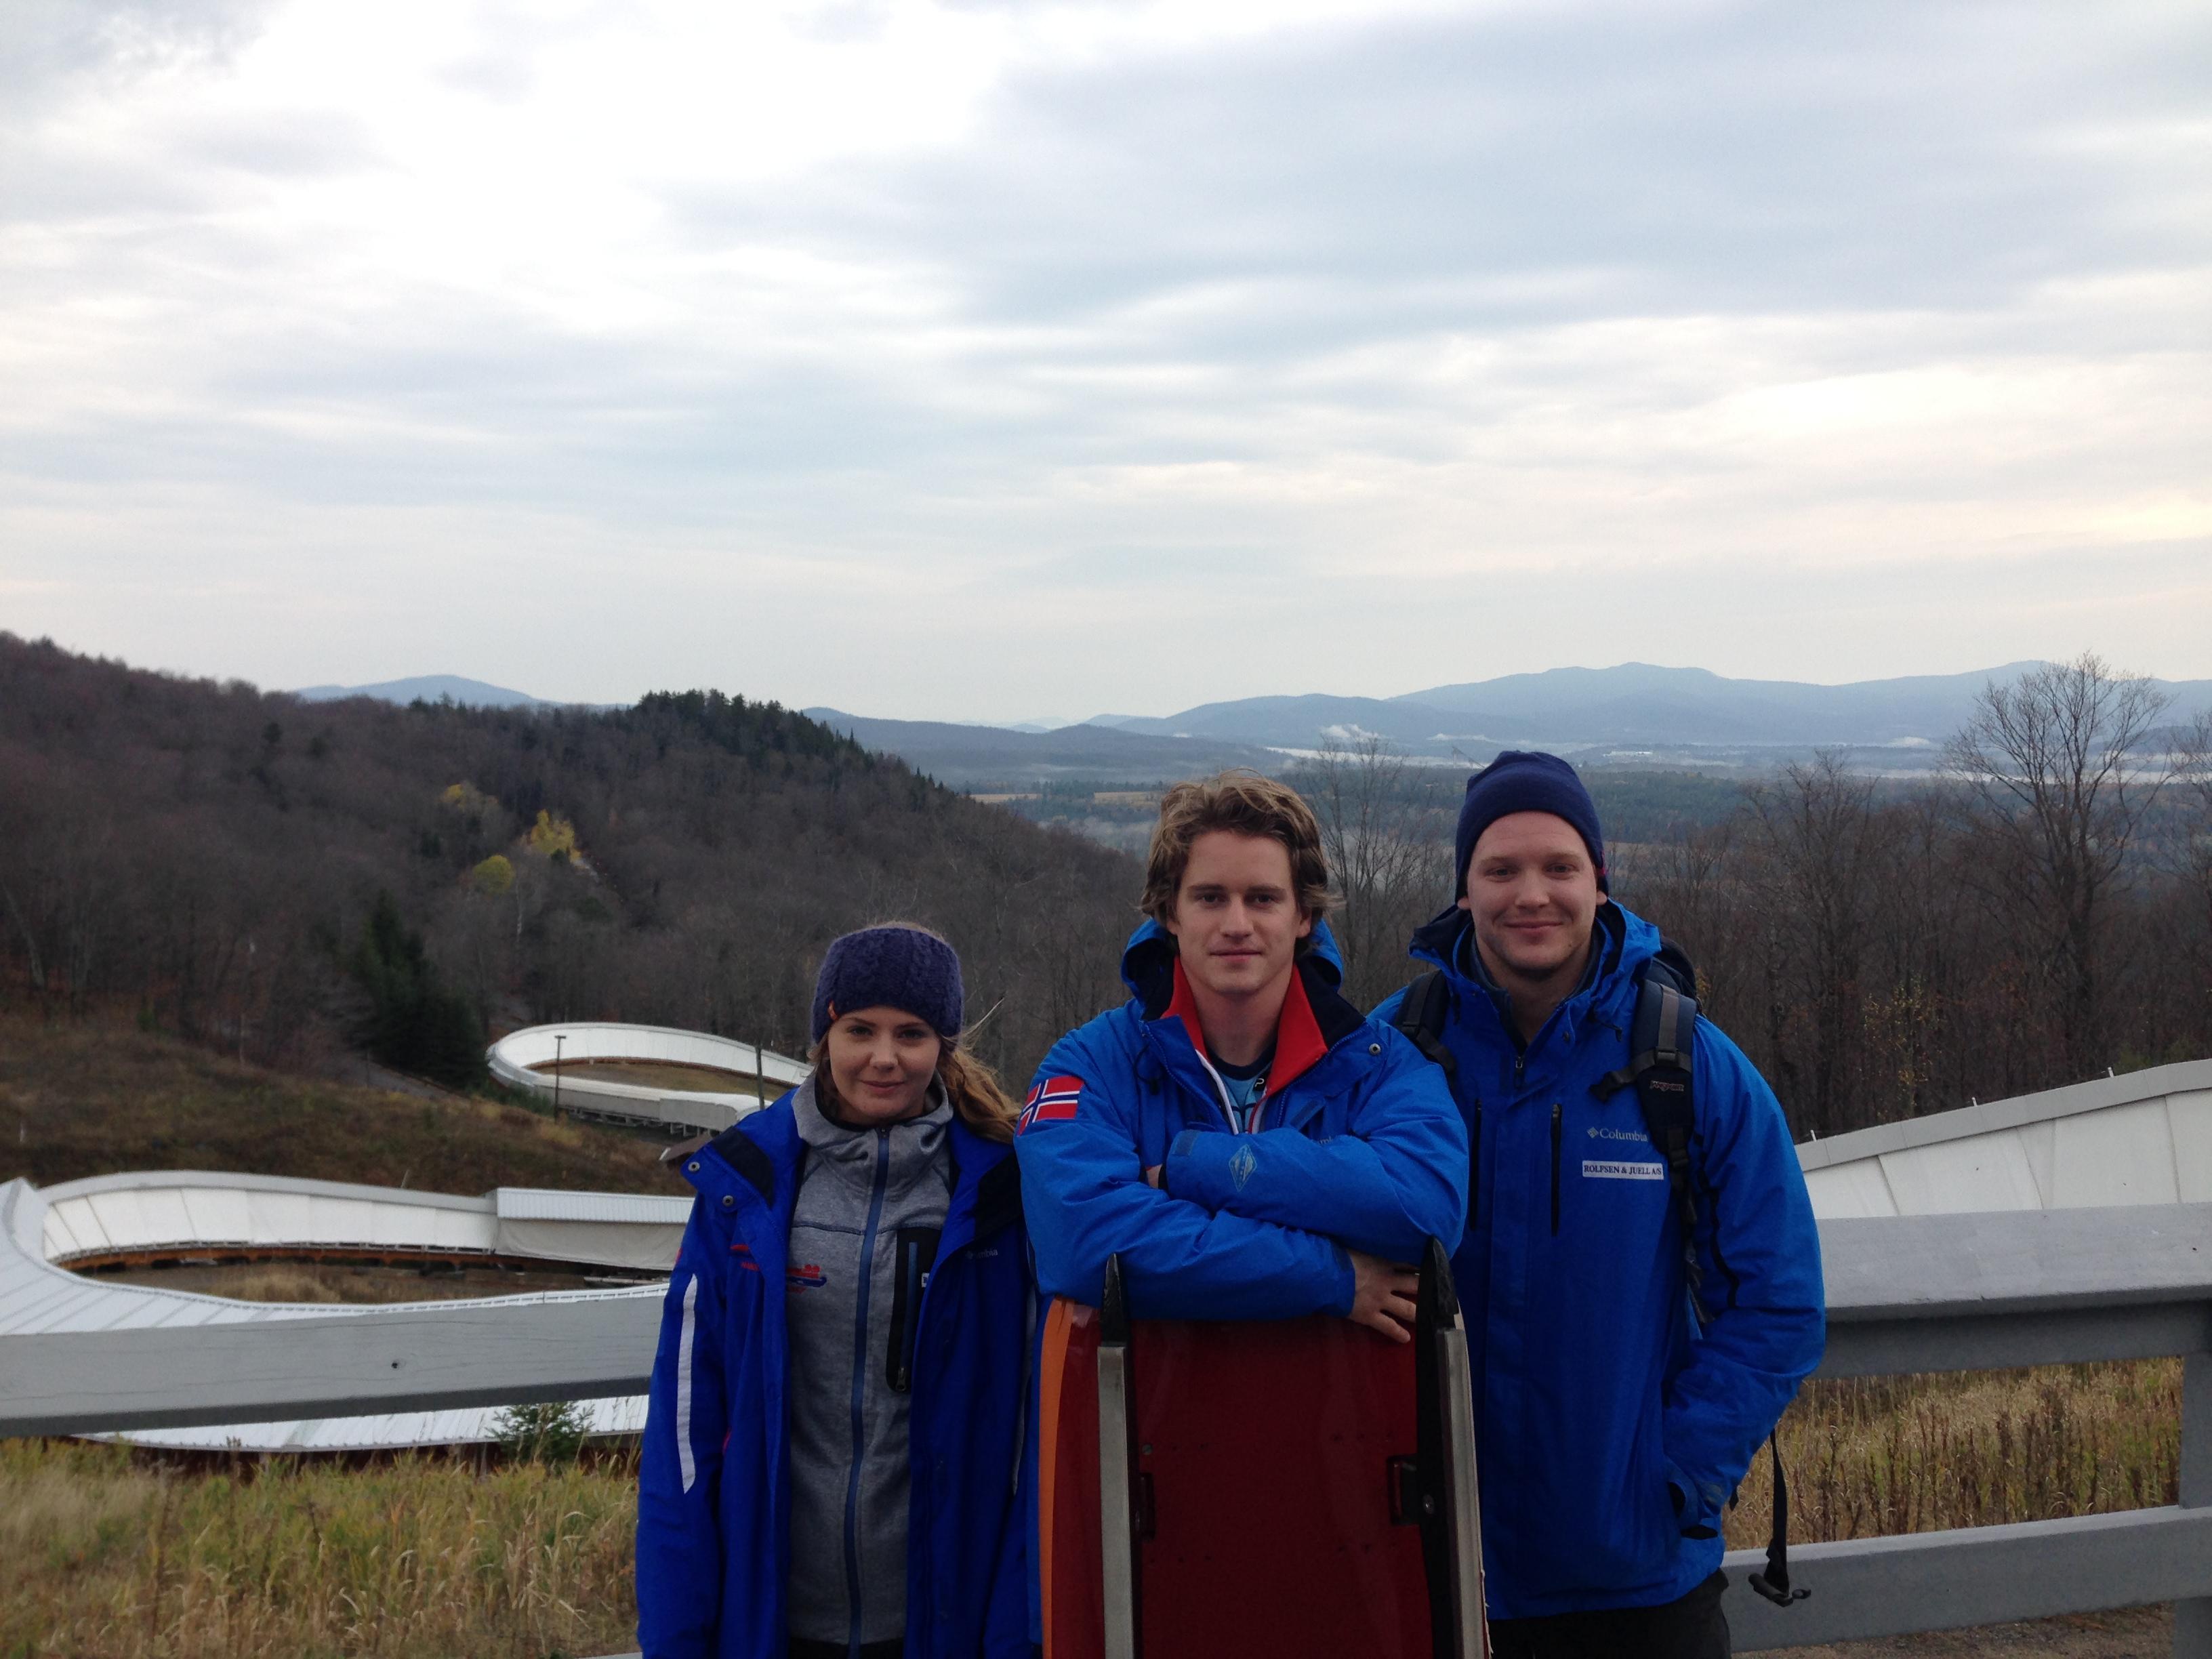 Gry Martine Mostue, Thor Haug Nørbeck og Jo Alexander Koppand.